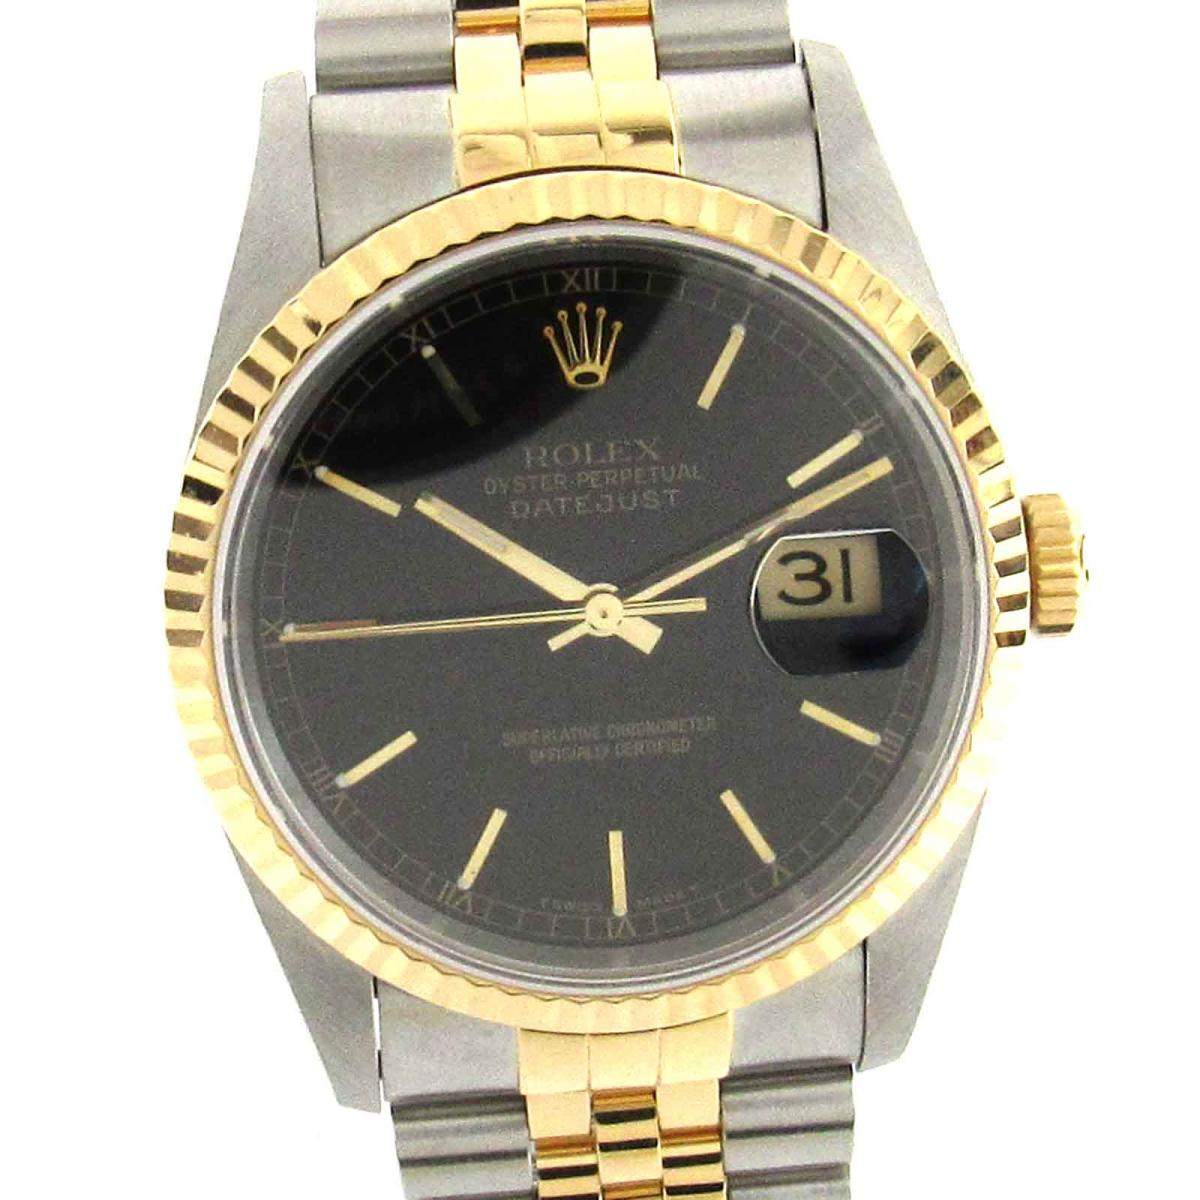 【中古】 ロレックス デイトジャスト ウォッチ 腕時計 メンズ ステンレススチール (SS) x K18YG (750) イエローゴールド (16233) | ROLEX オートマチック 自動巻き 時計 K18 18金 デイトジャスト 美品 ブランドオフ